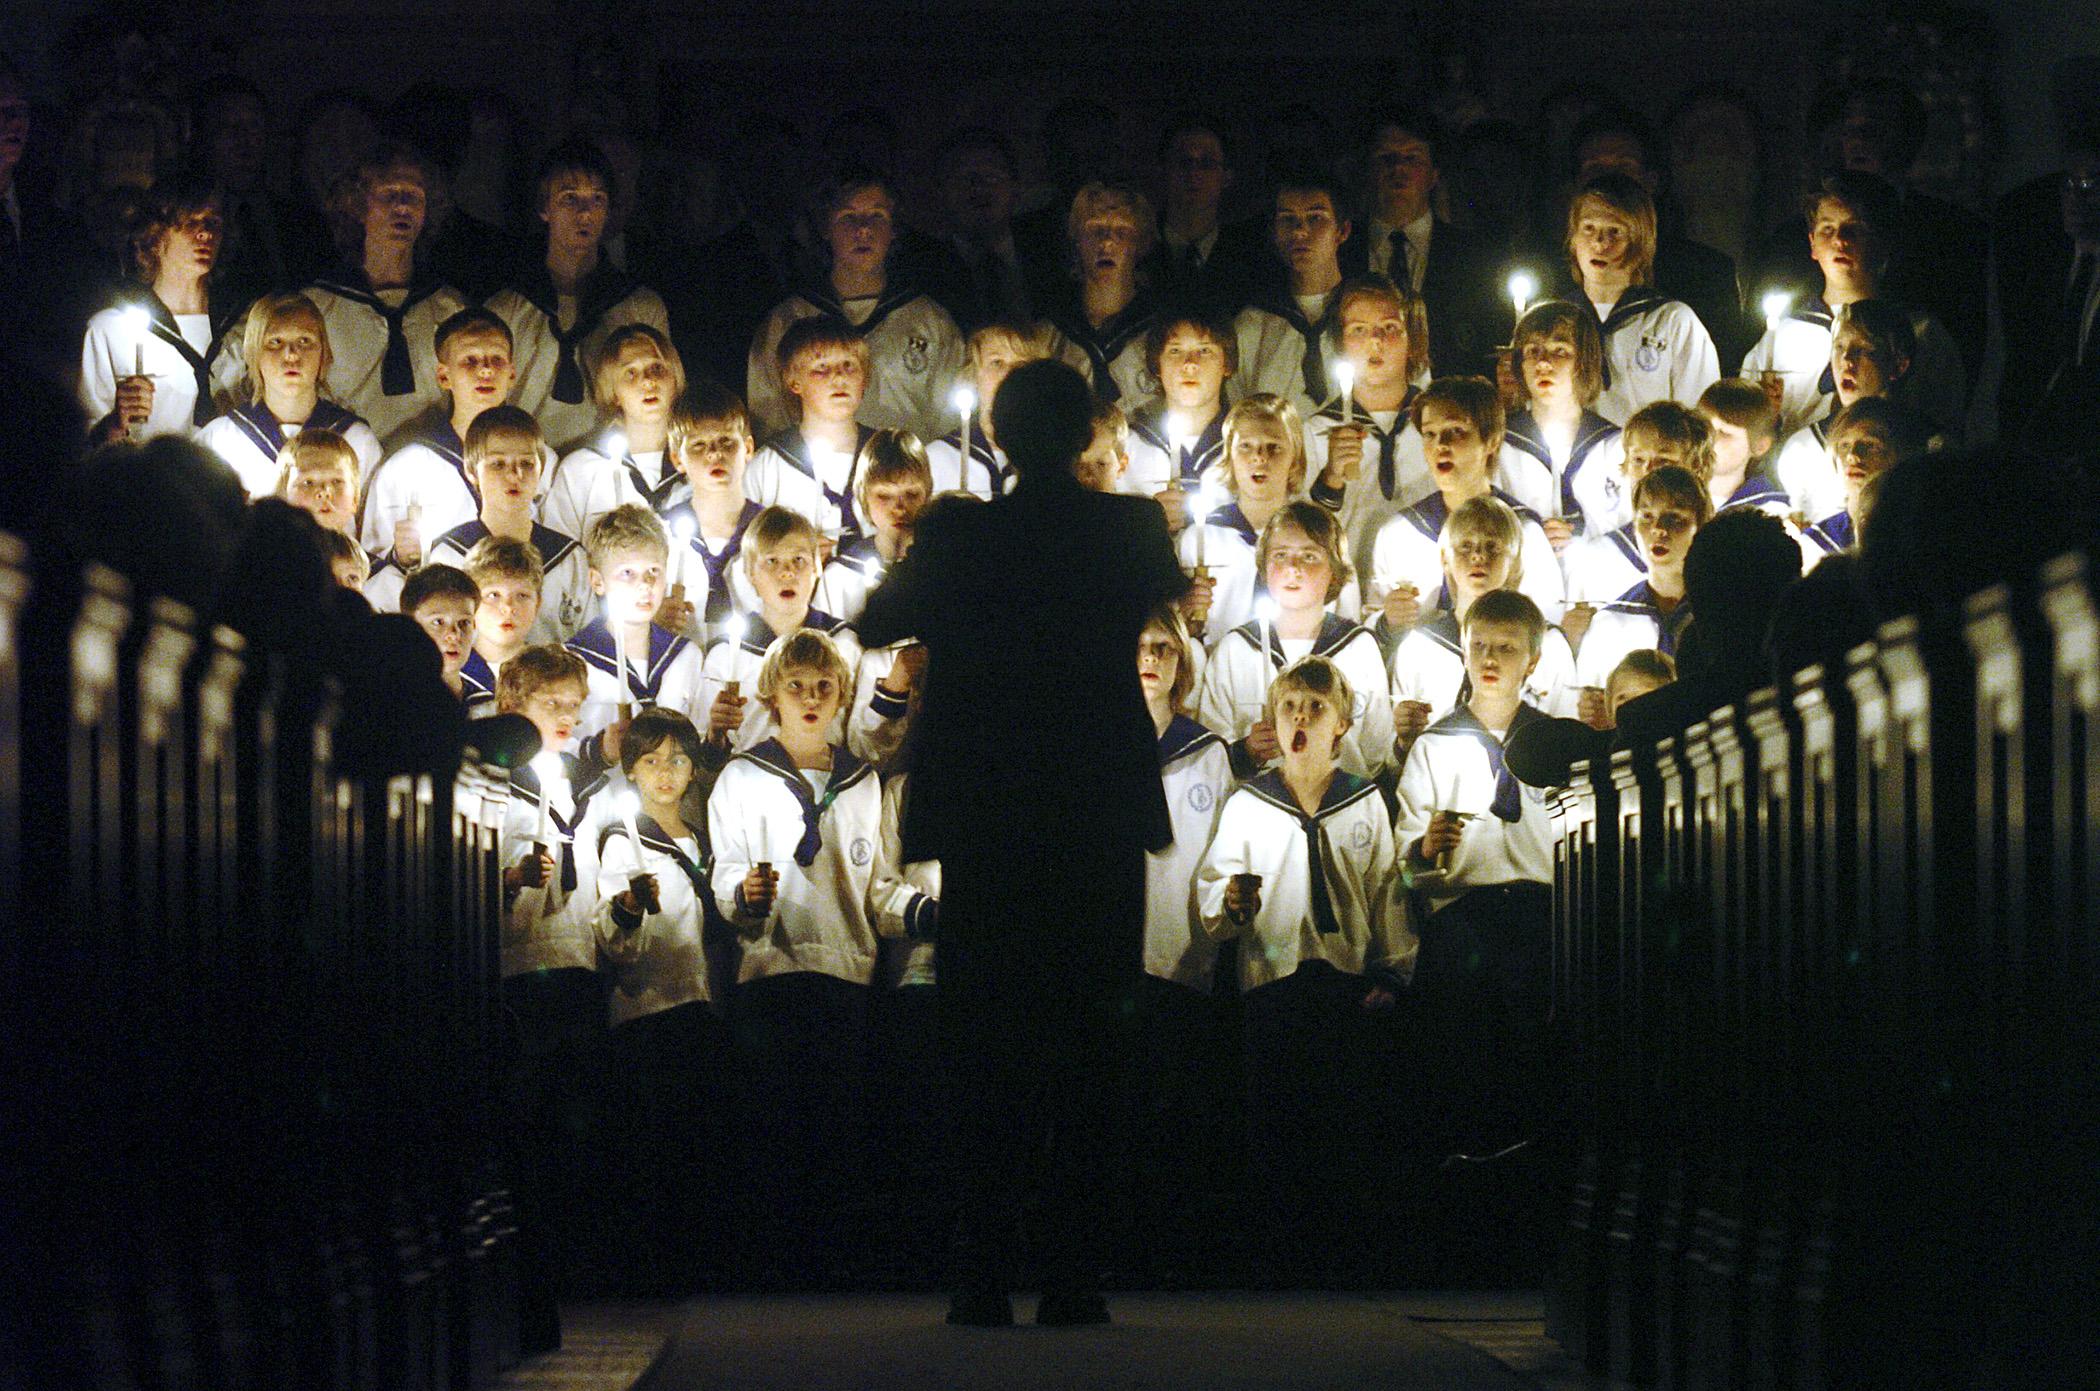 Sølvguttene konsert i Riis kirke desember 04. Foto Håvard Sæbø